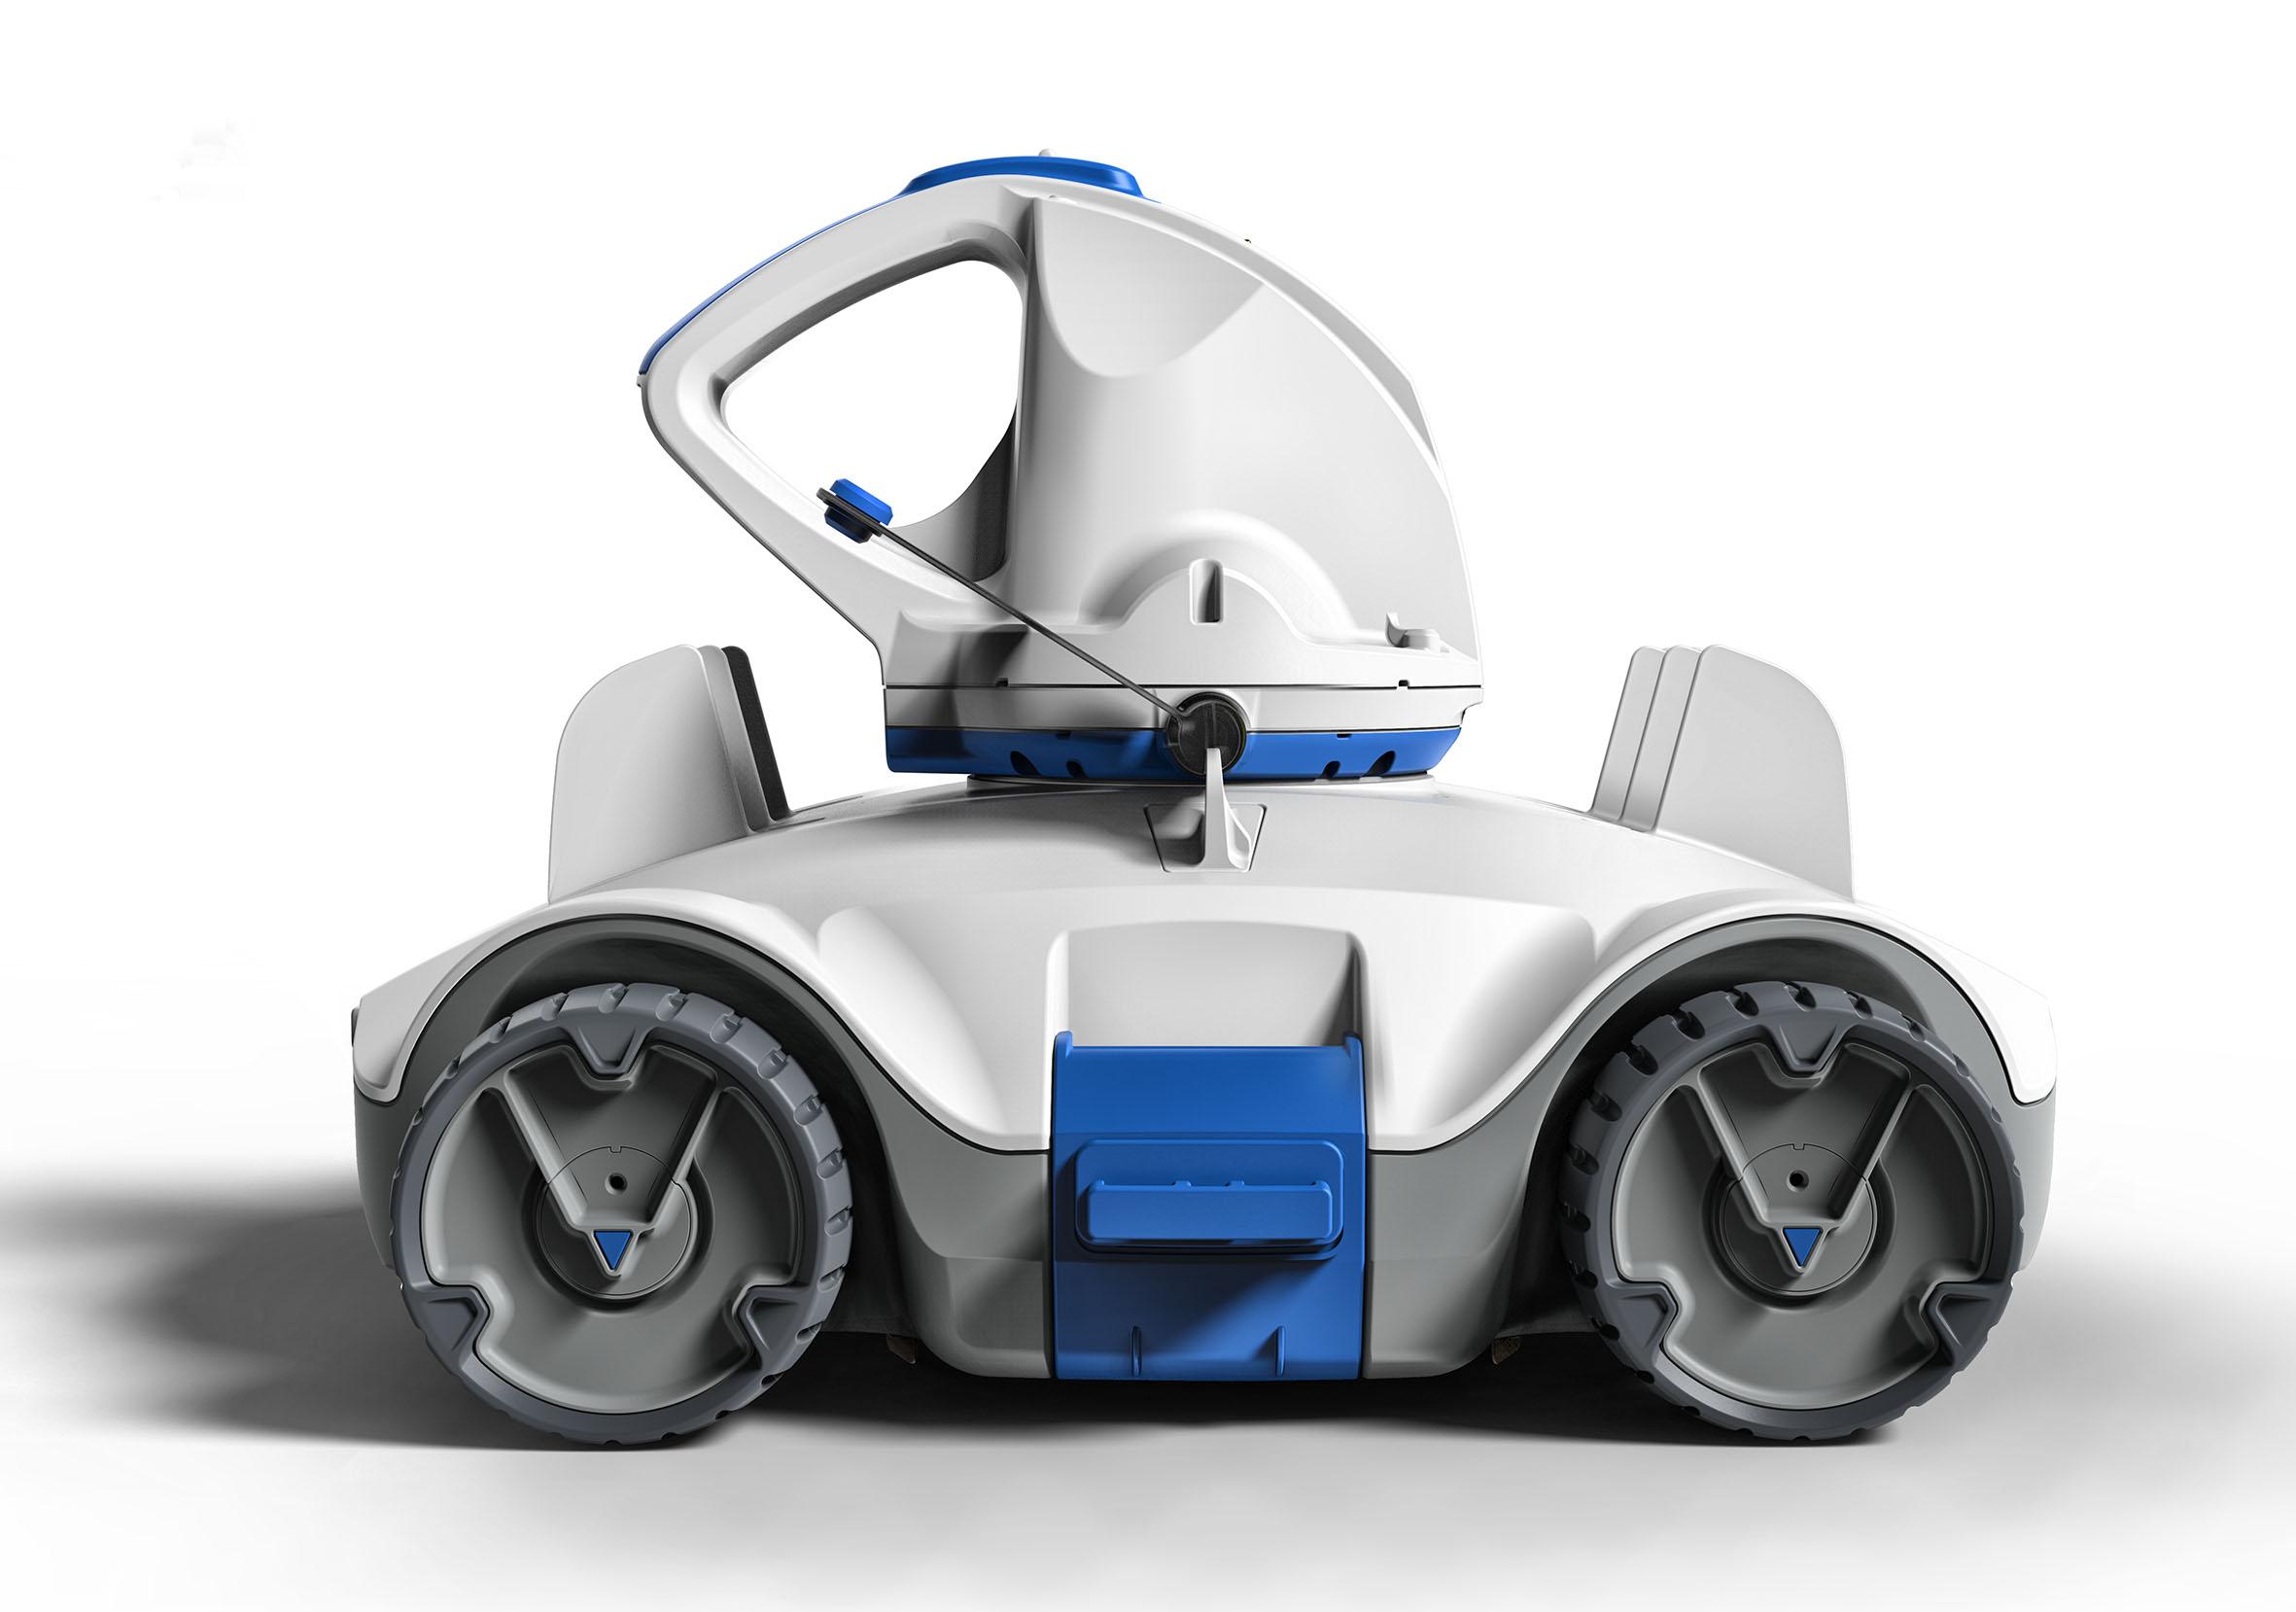 Le robot lectrique autonome pour votre piscine racer wizz for Robot piscine racer